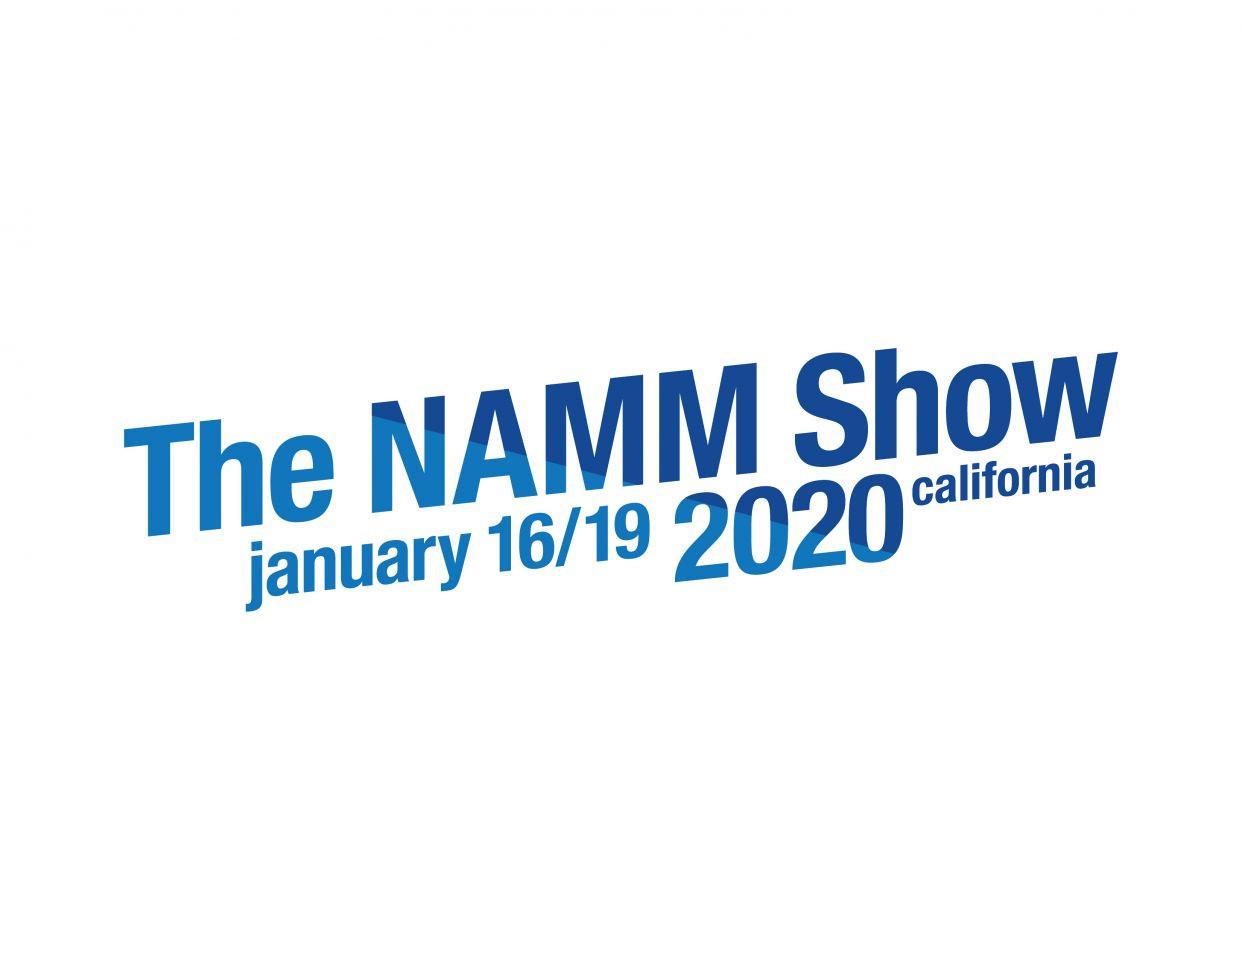 Här är alla NAMM nyheterna 2020